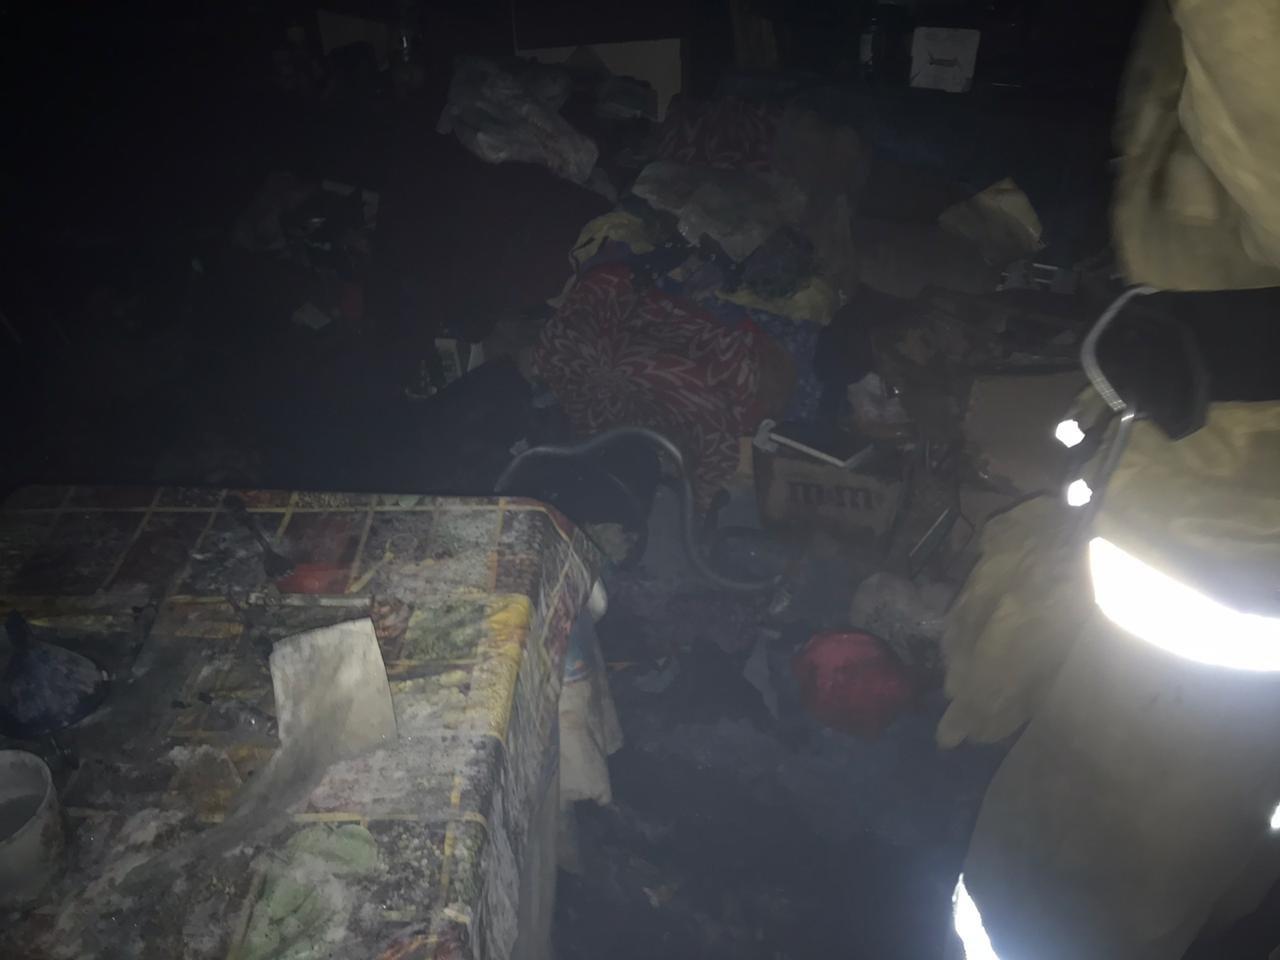 Шесть человек спасли при ночном пожаре в Алматы, фото-3, Фото пресс-служба ДЧС Алматы